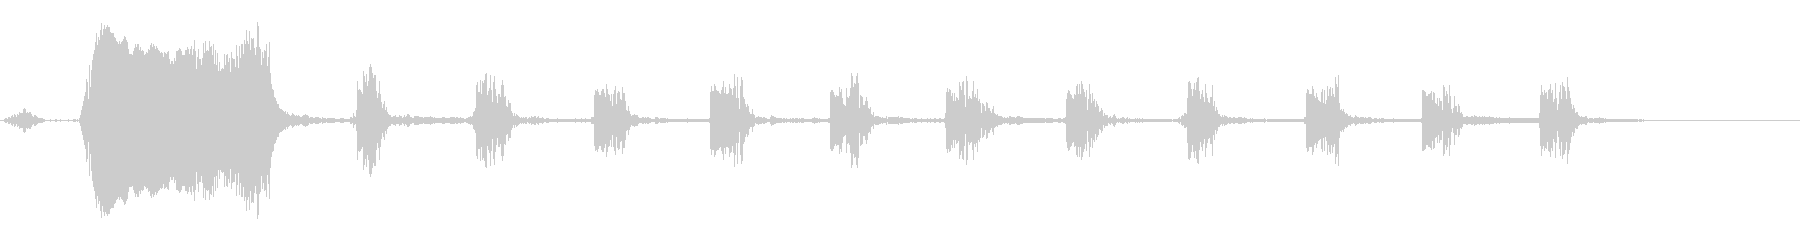 KANTコケーコッコ自主規制音6の未再生の波形